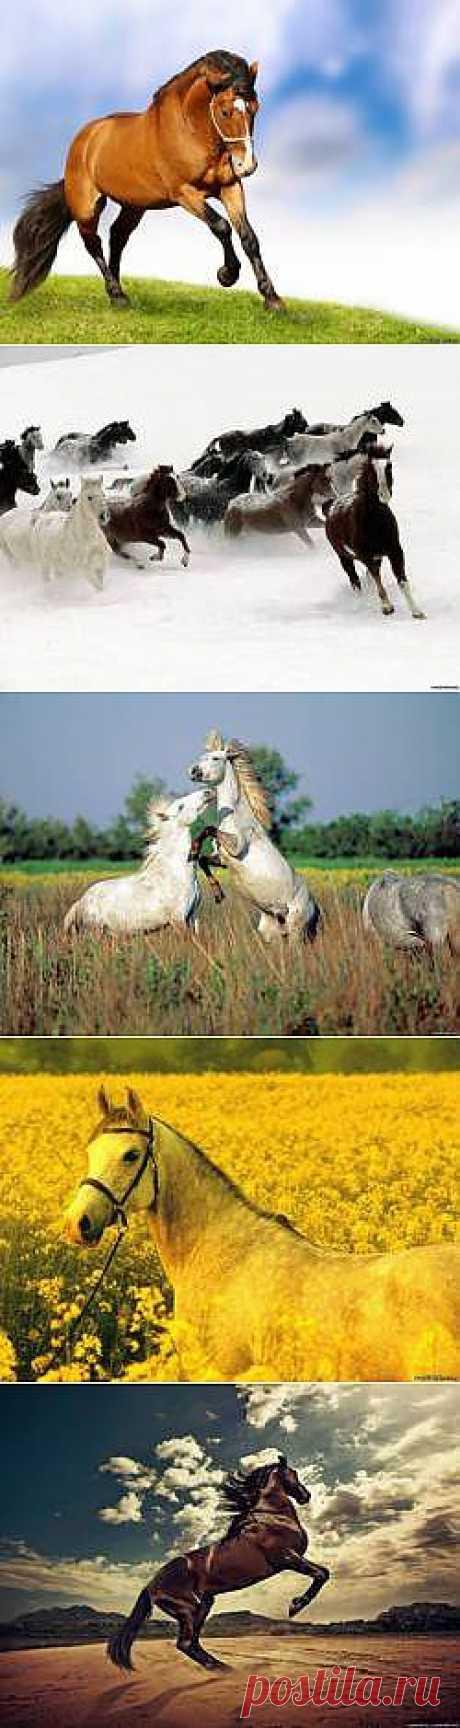 Красивые Картинки год лошади 2014 - 174 фото обои на рабочий стол галерея 1 - Фото мир природы